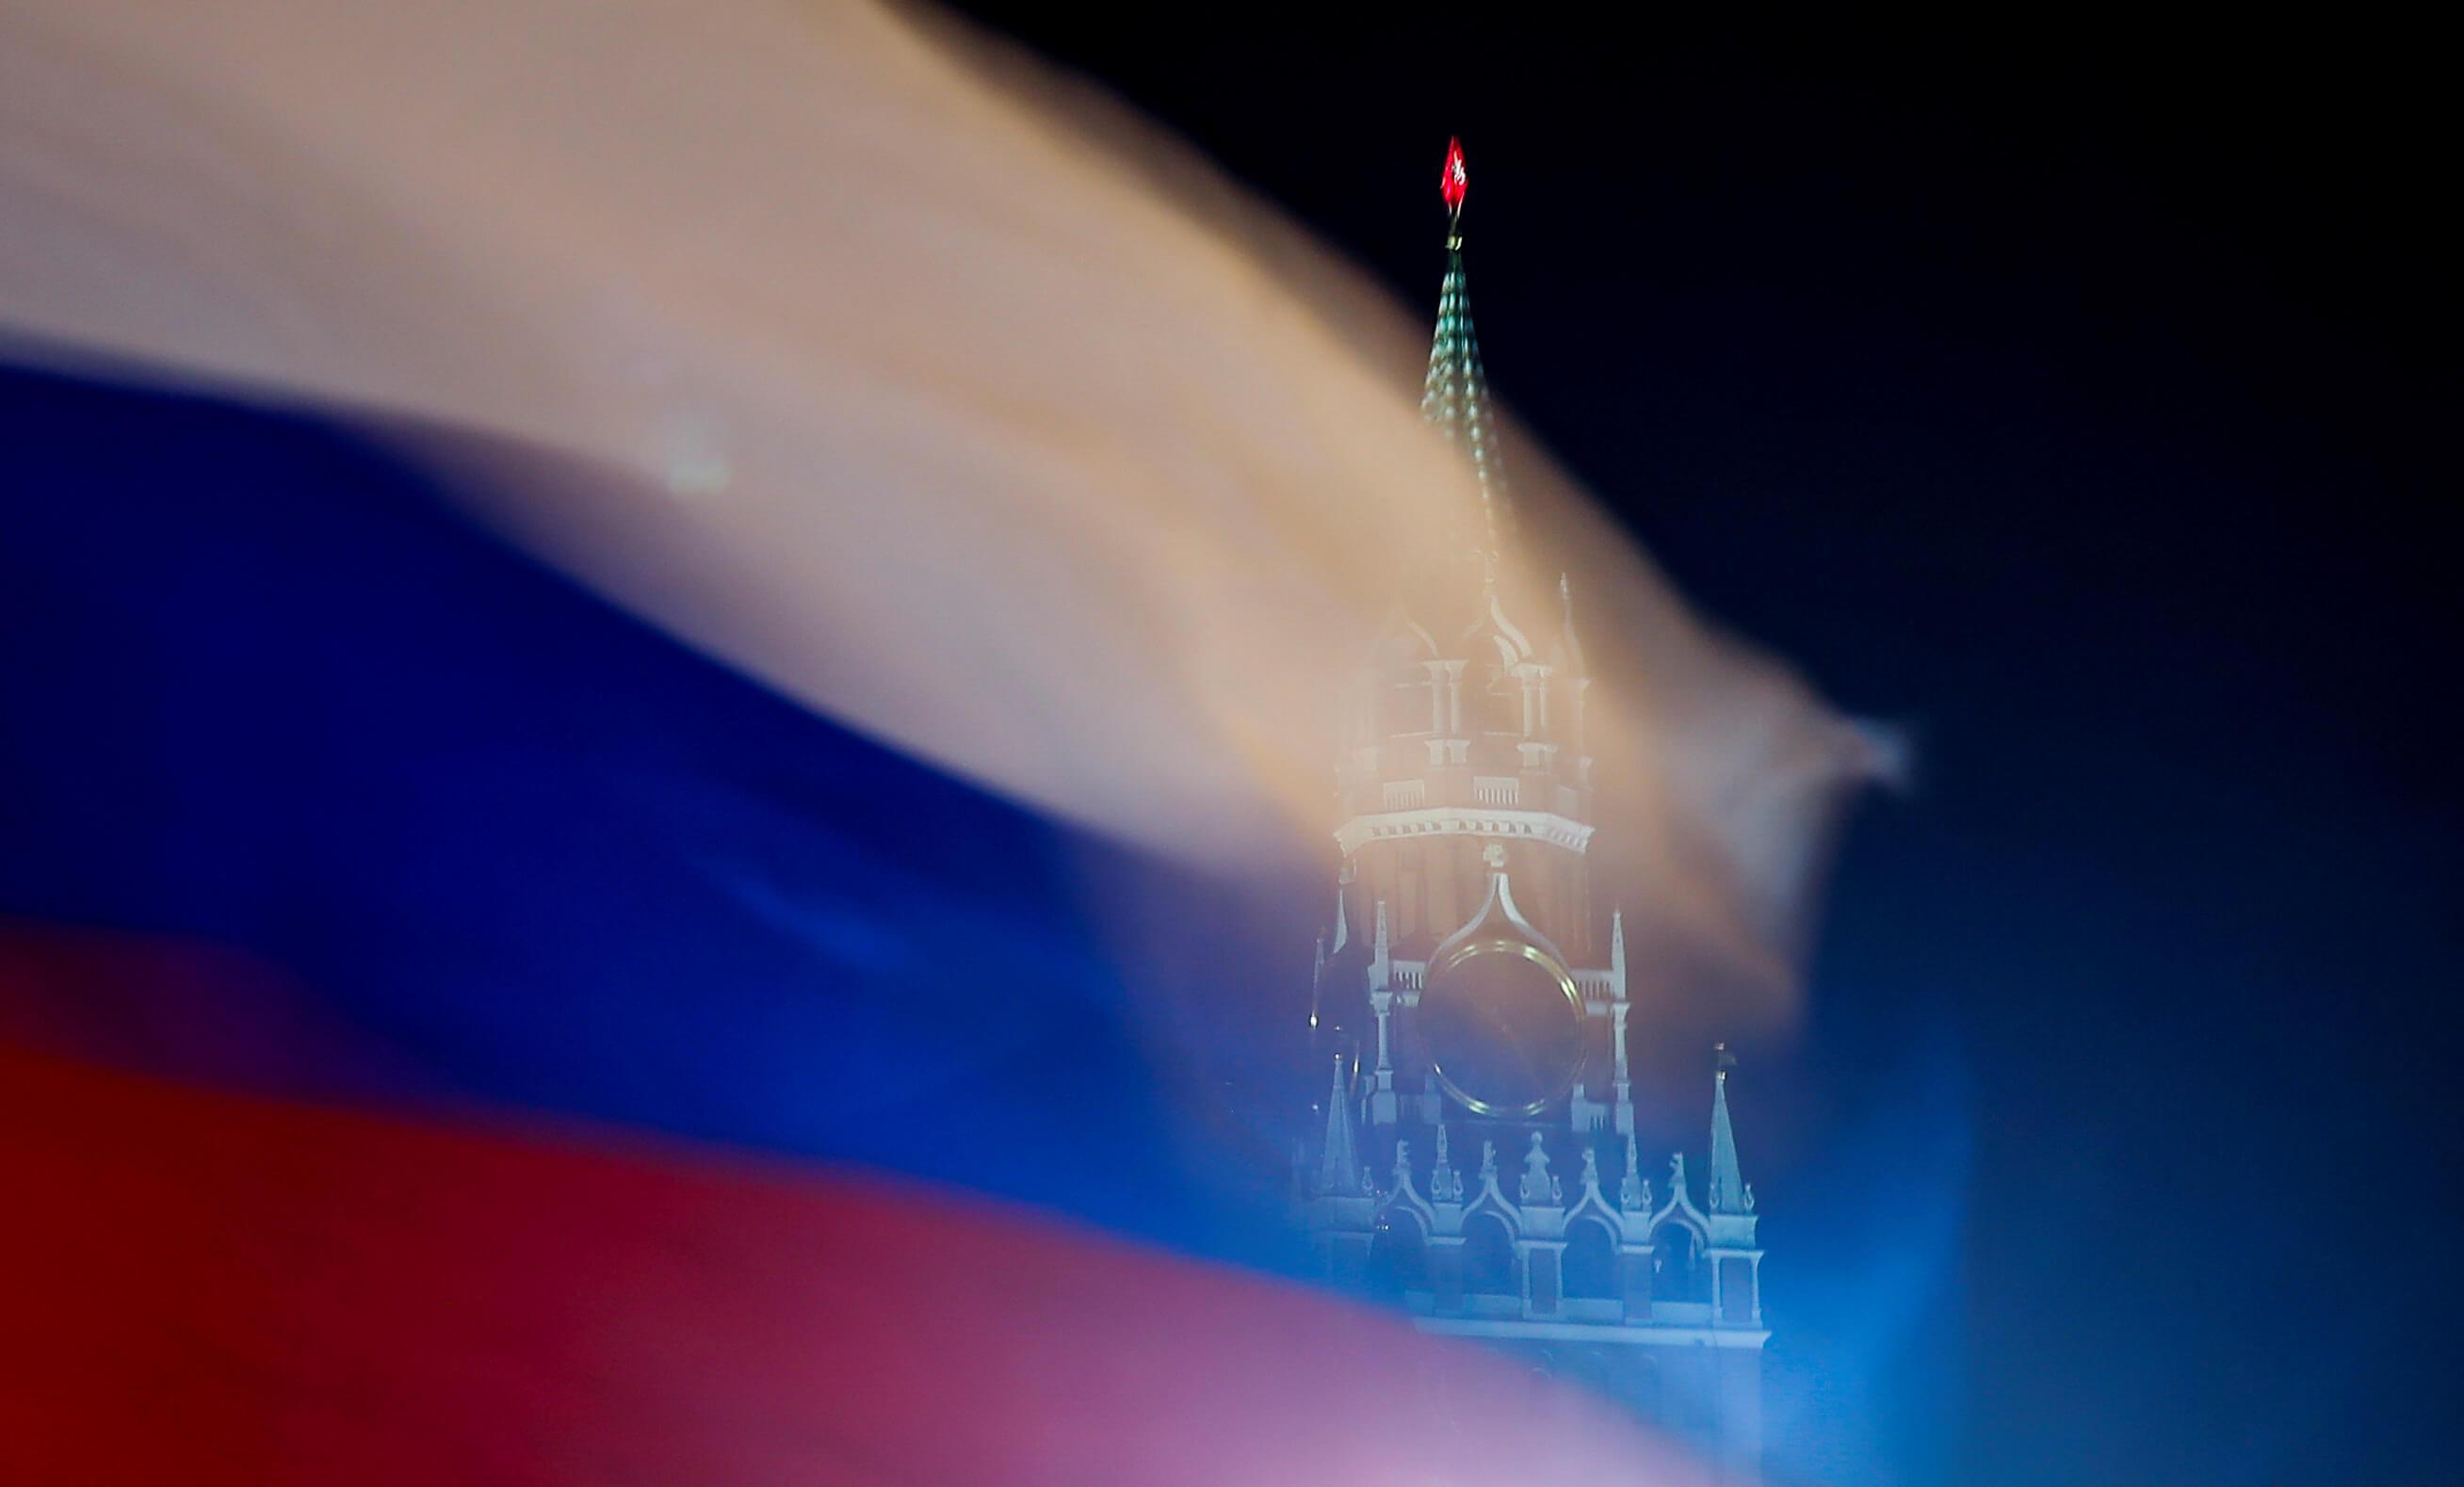 Καταδίκη των αμερικανικών κυρώσεων σε Ιράν από τη Ρωσία